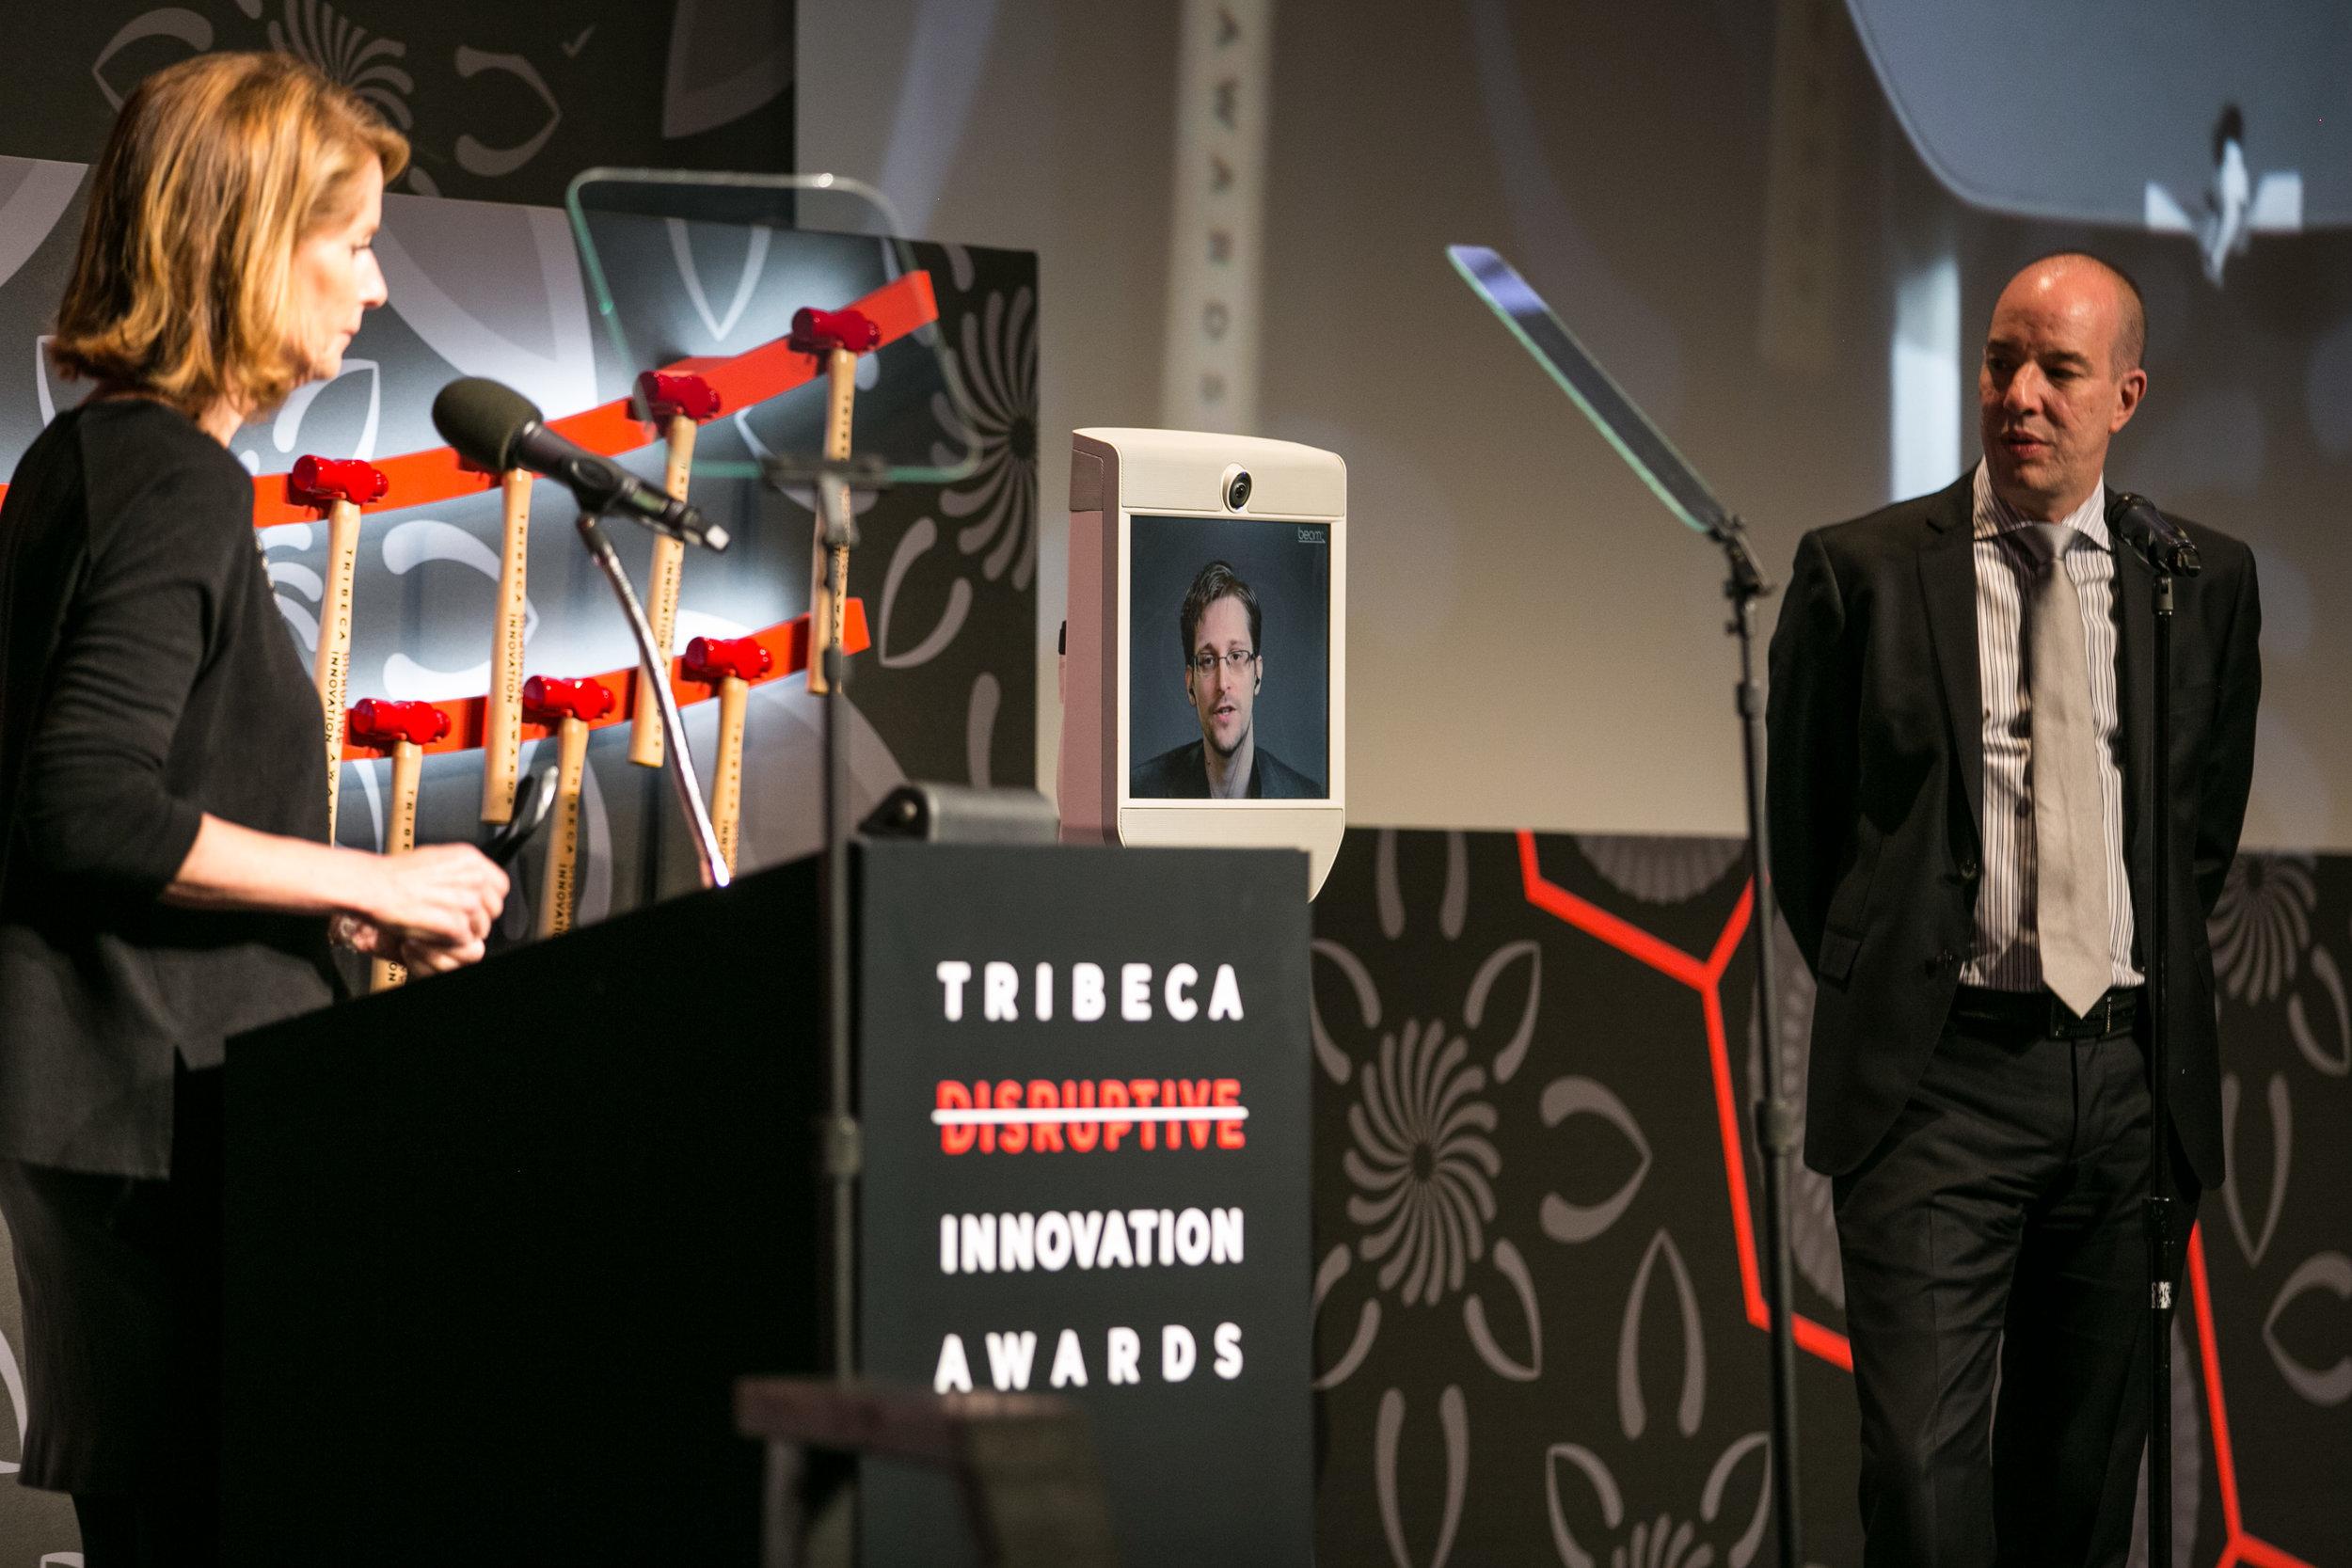 Mr. Robot & Edward Snowden